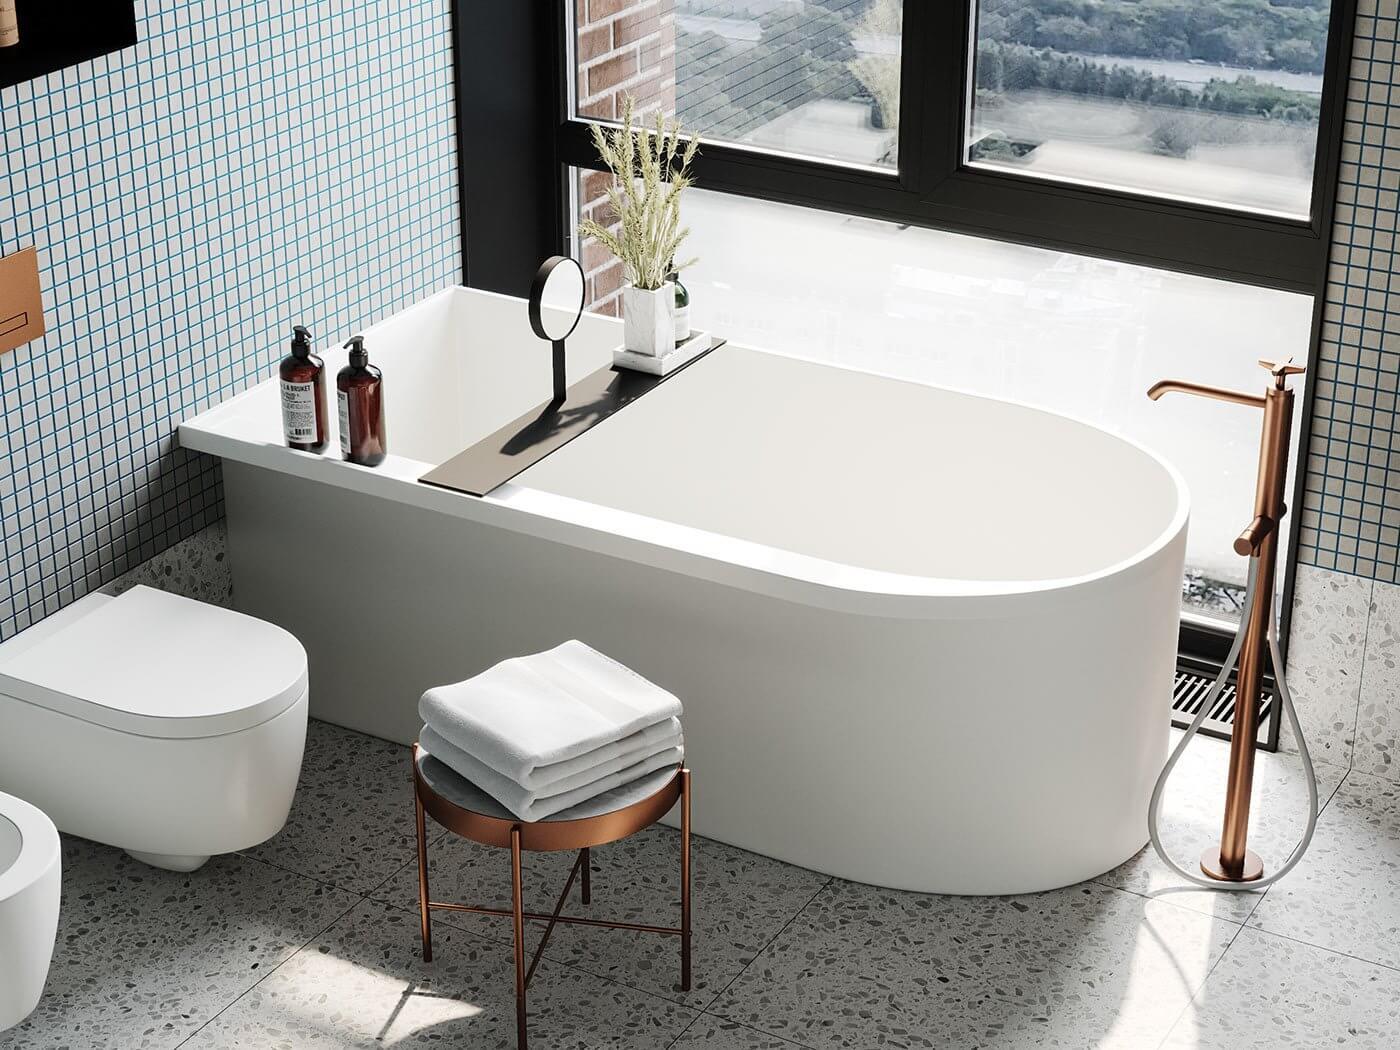 Apartment Presnya City Moscow bathroom design bathtub wc - cgi visualization